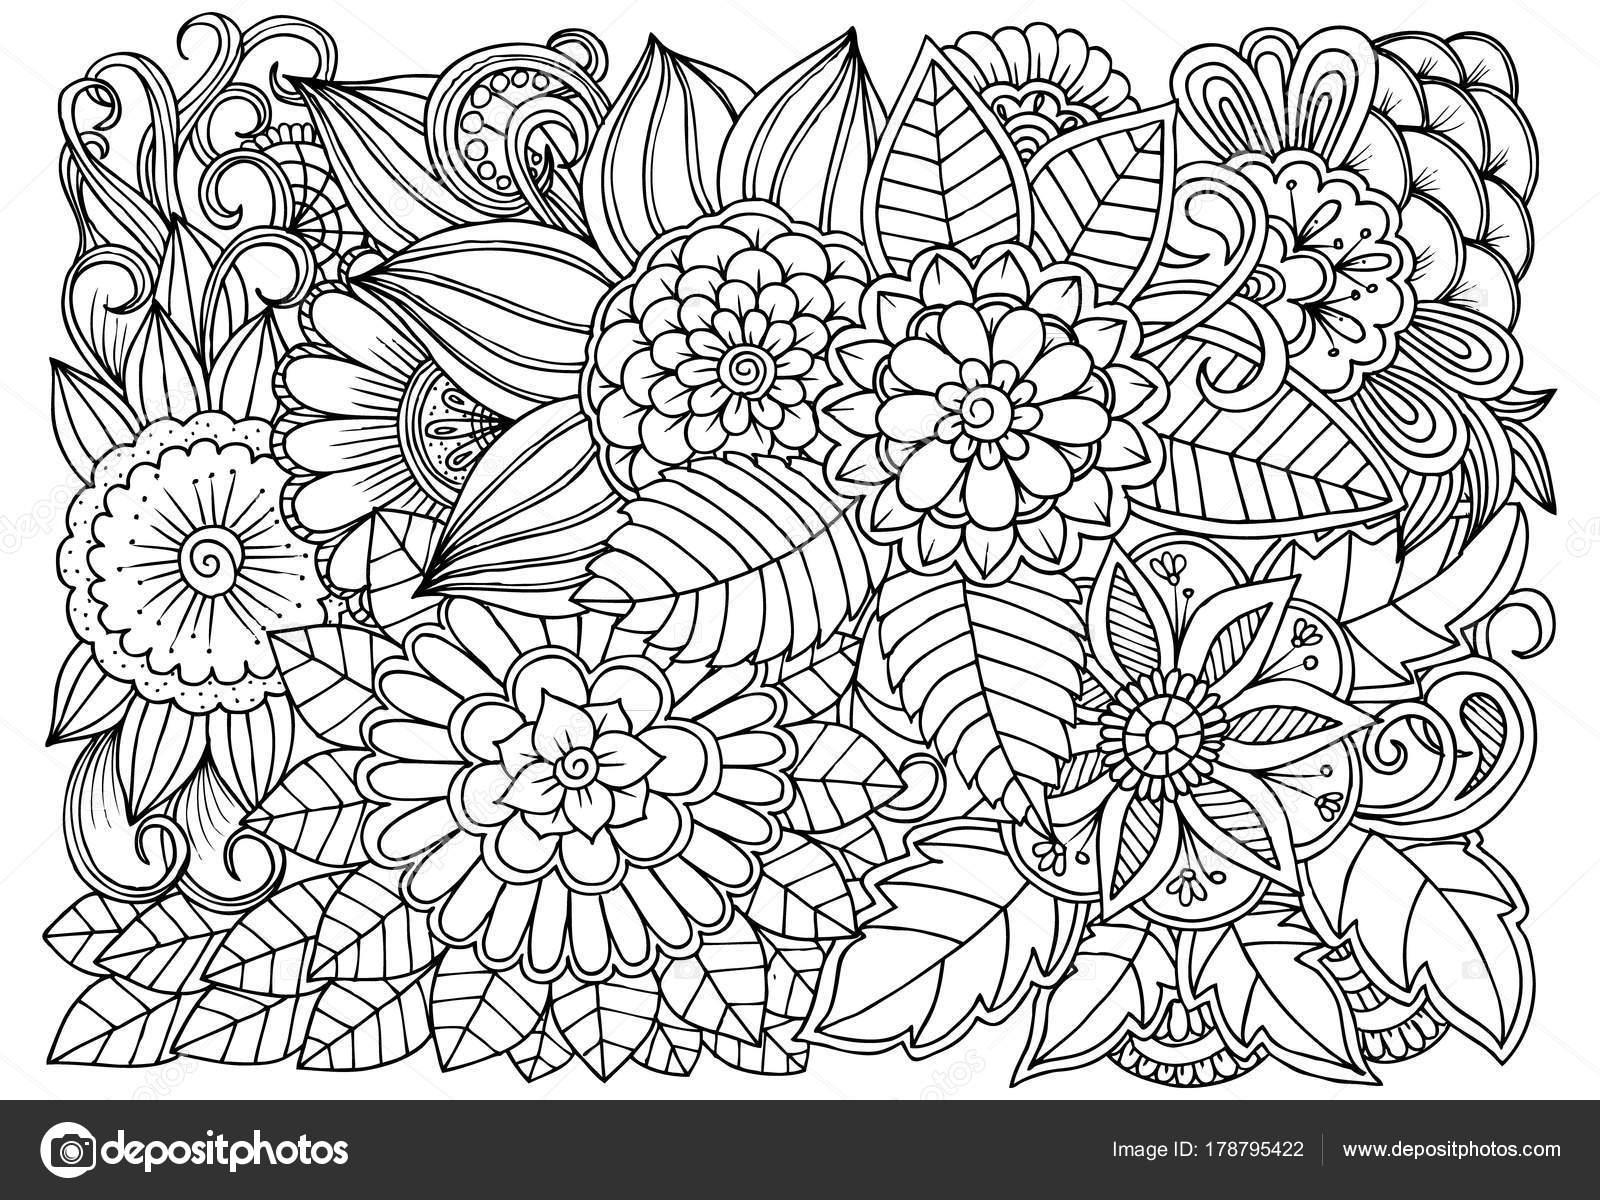 Blanco y negro patrón de flores para colorear — Archivo Imágenes ...